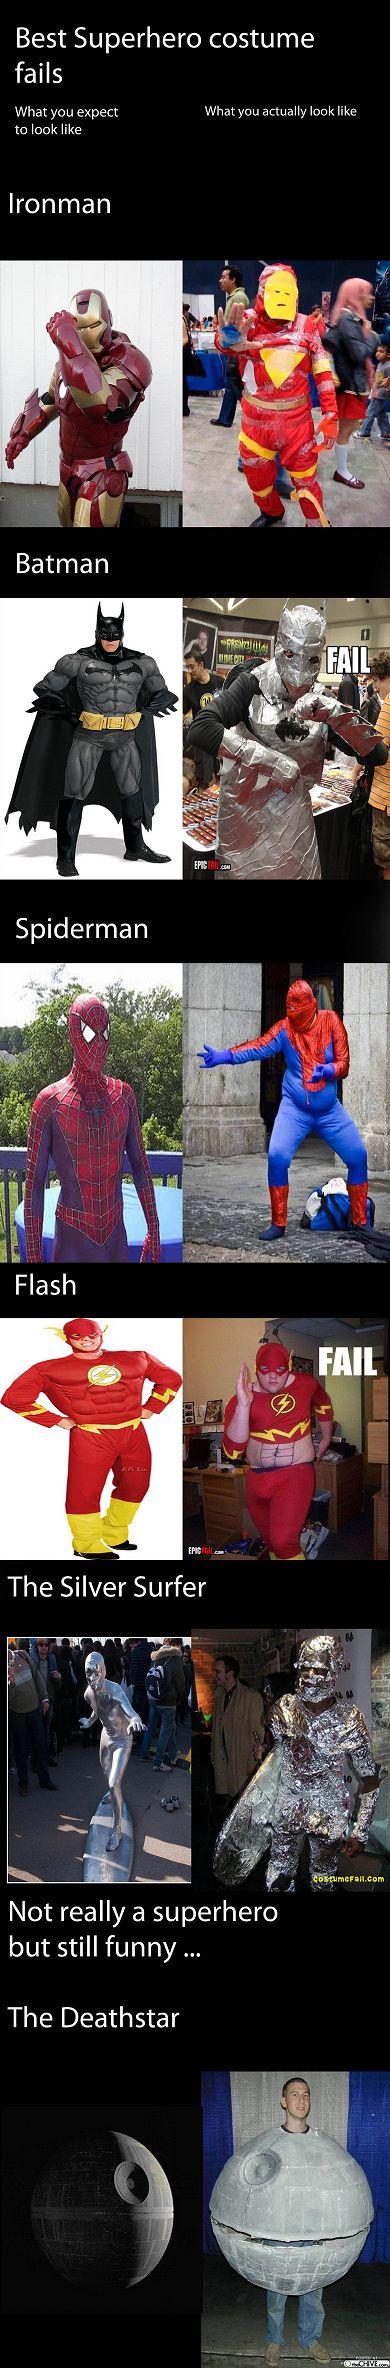 Super hero costume fails